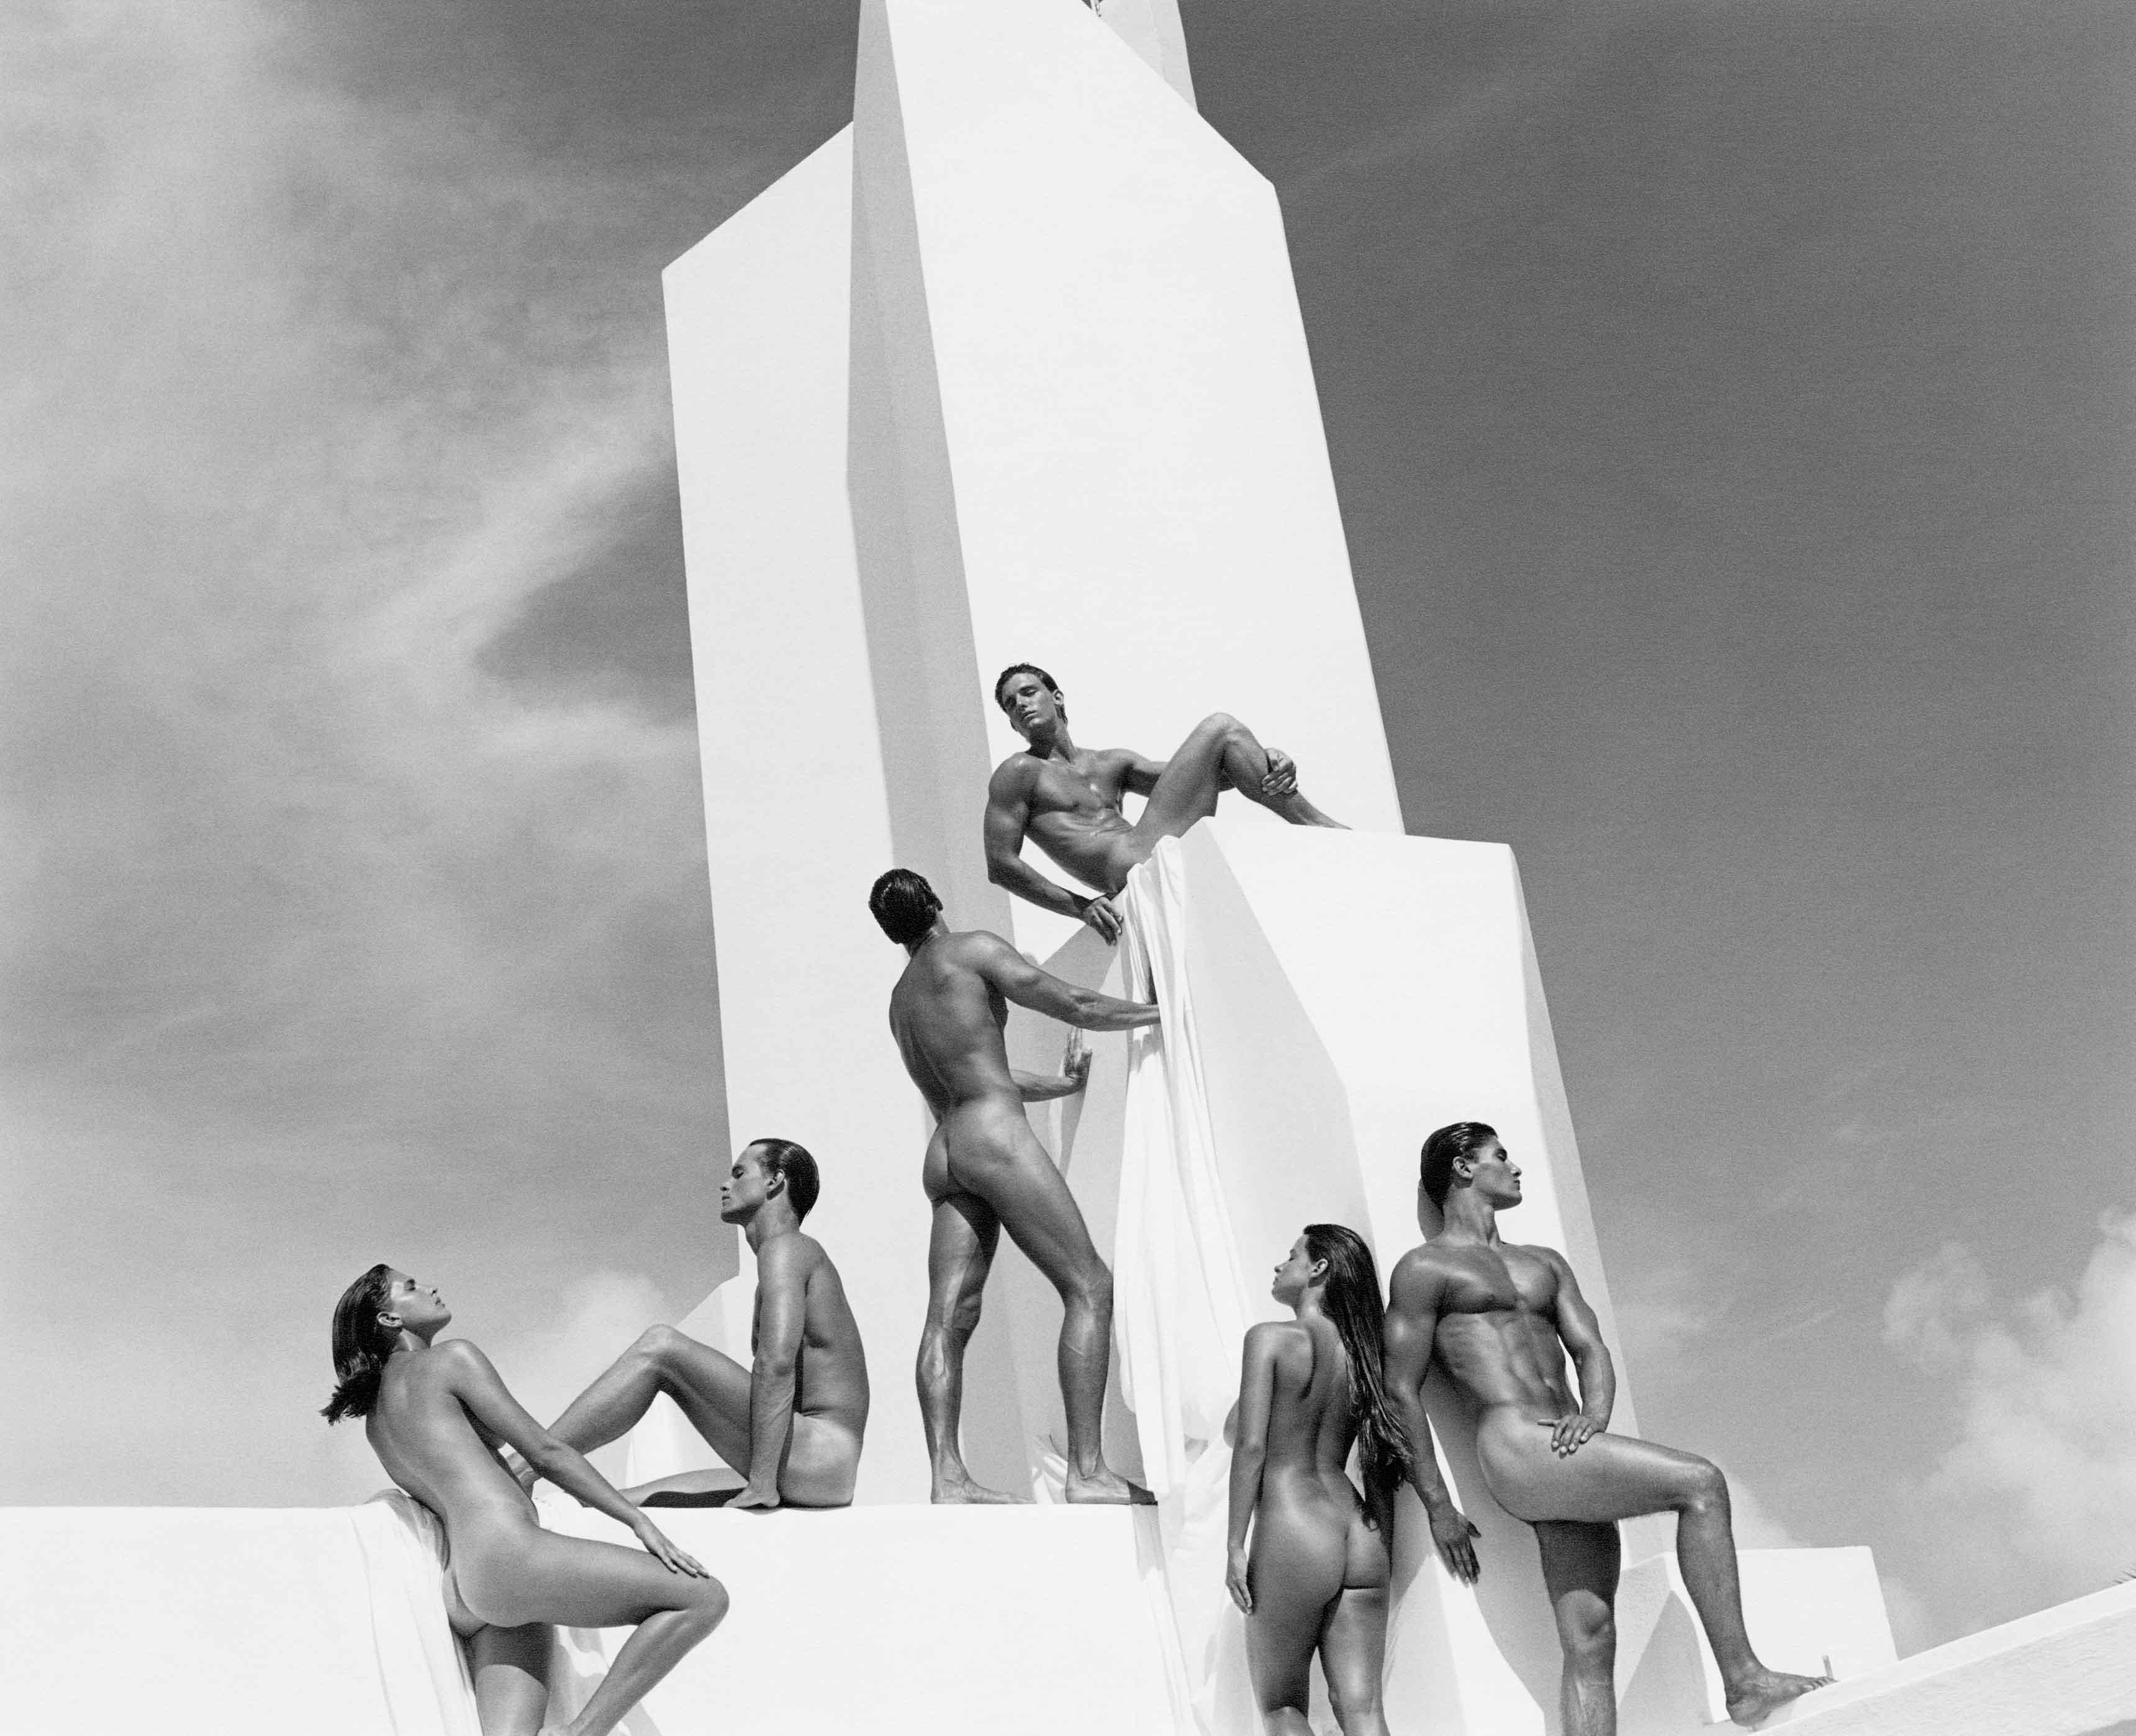 La campagne publicitaire pour le parfum Obsession, avec ses mannequins aux corps athlétiques posant dans un décor aux allures constructivistes.